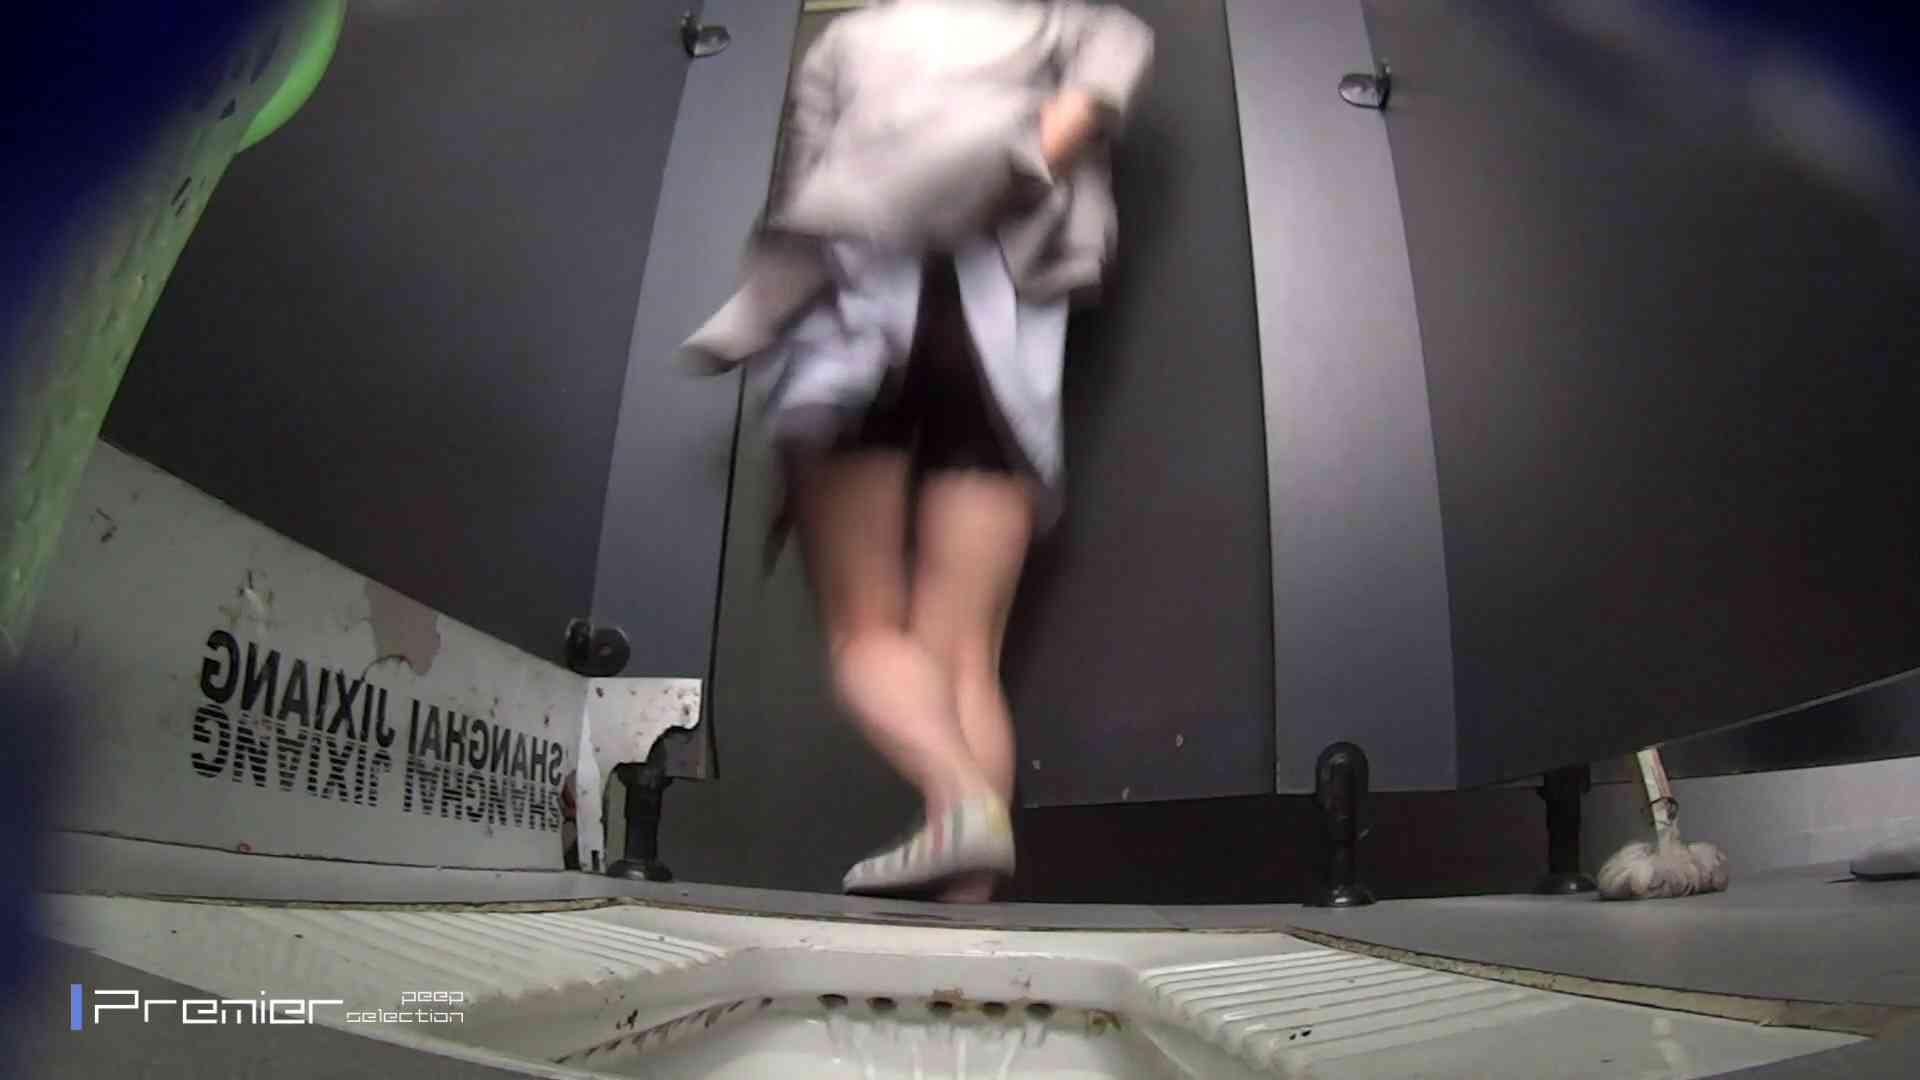 グレースパッツお女市さん 大学休憩時間の洗面所事情31 美女 われめAV動画紹介 84枚 65